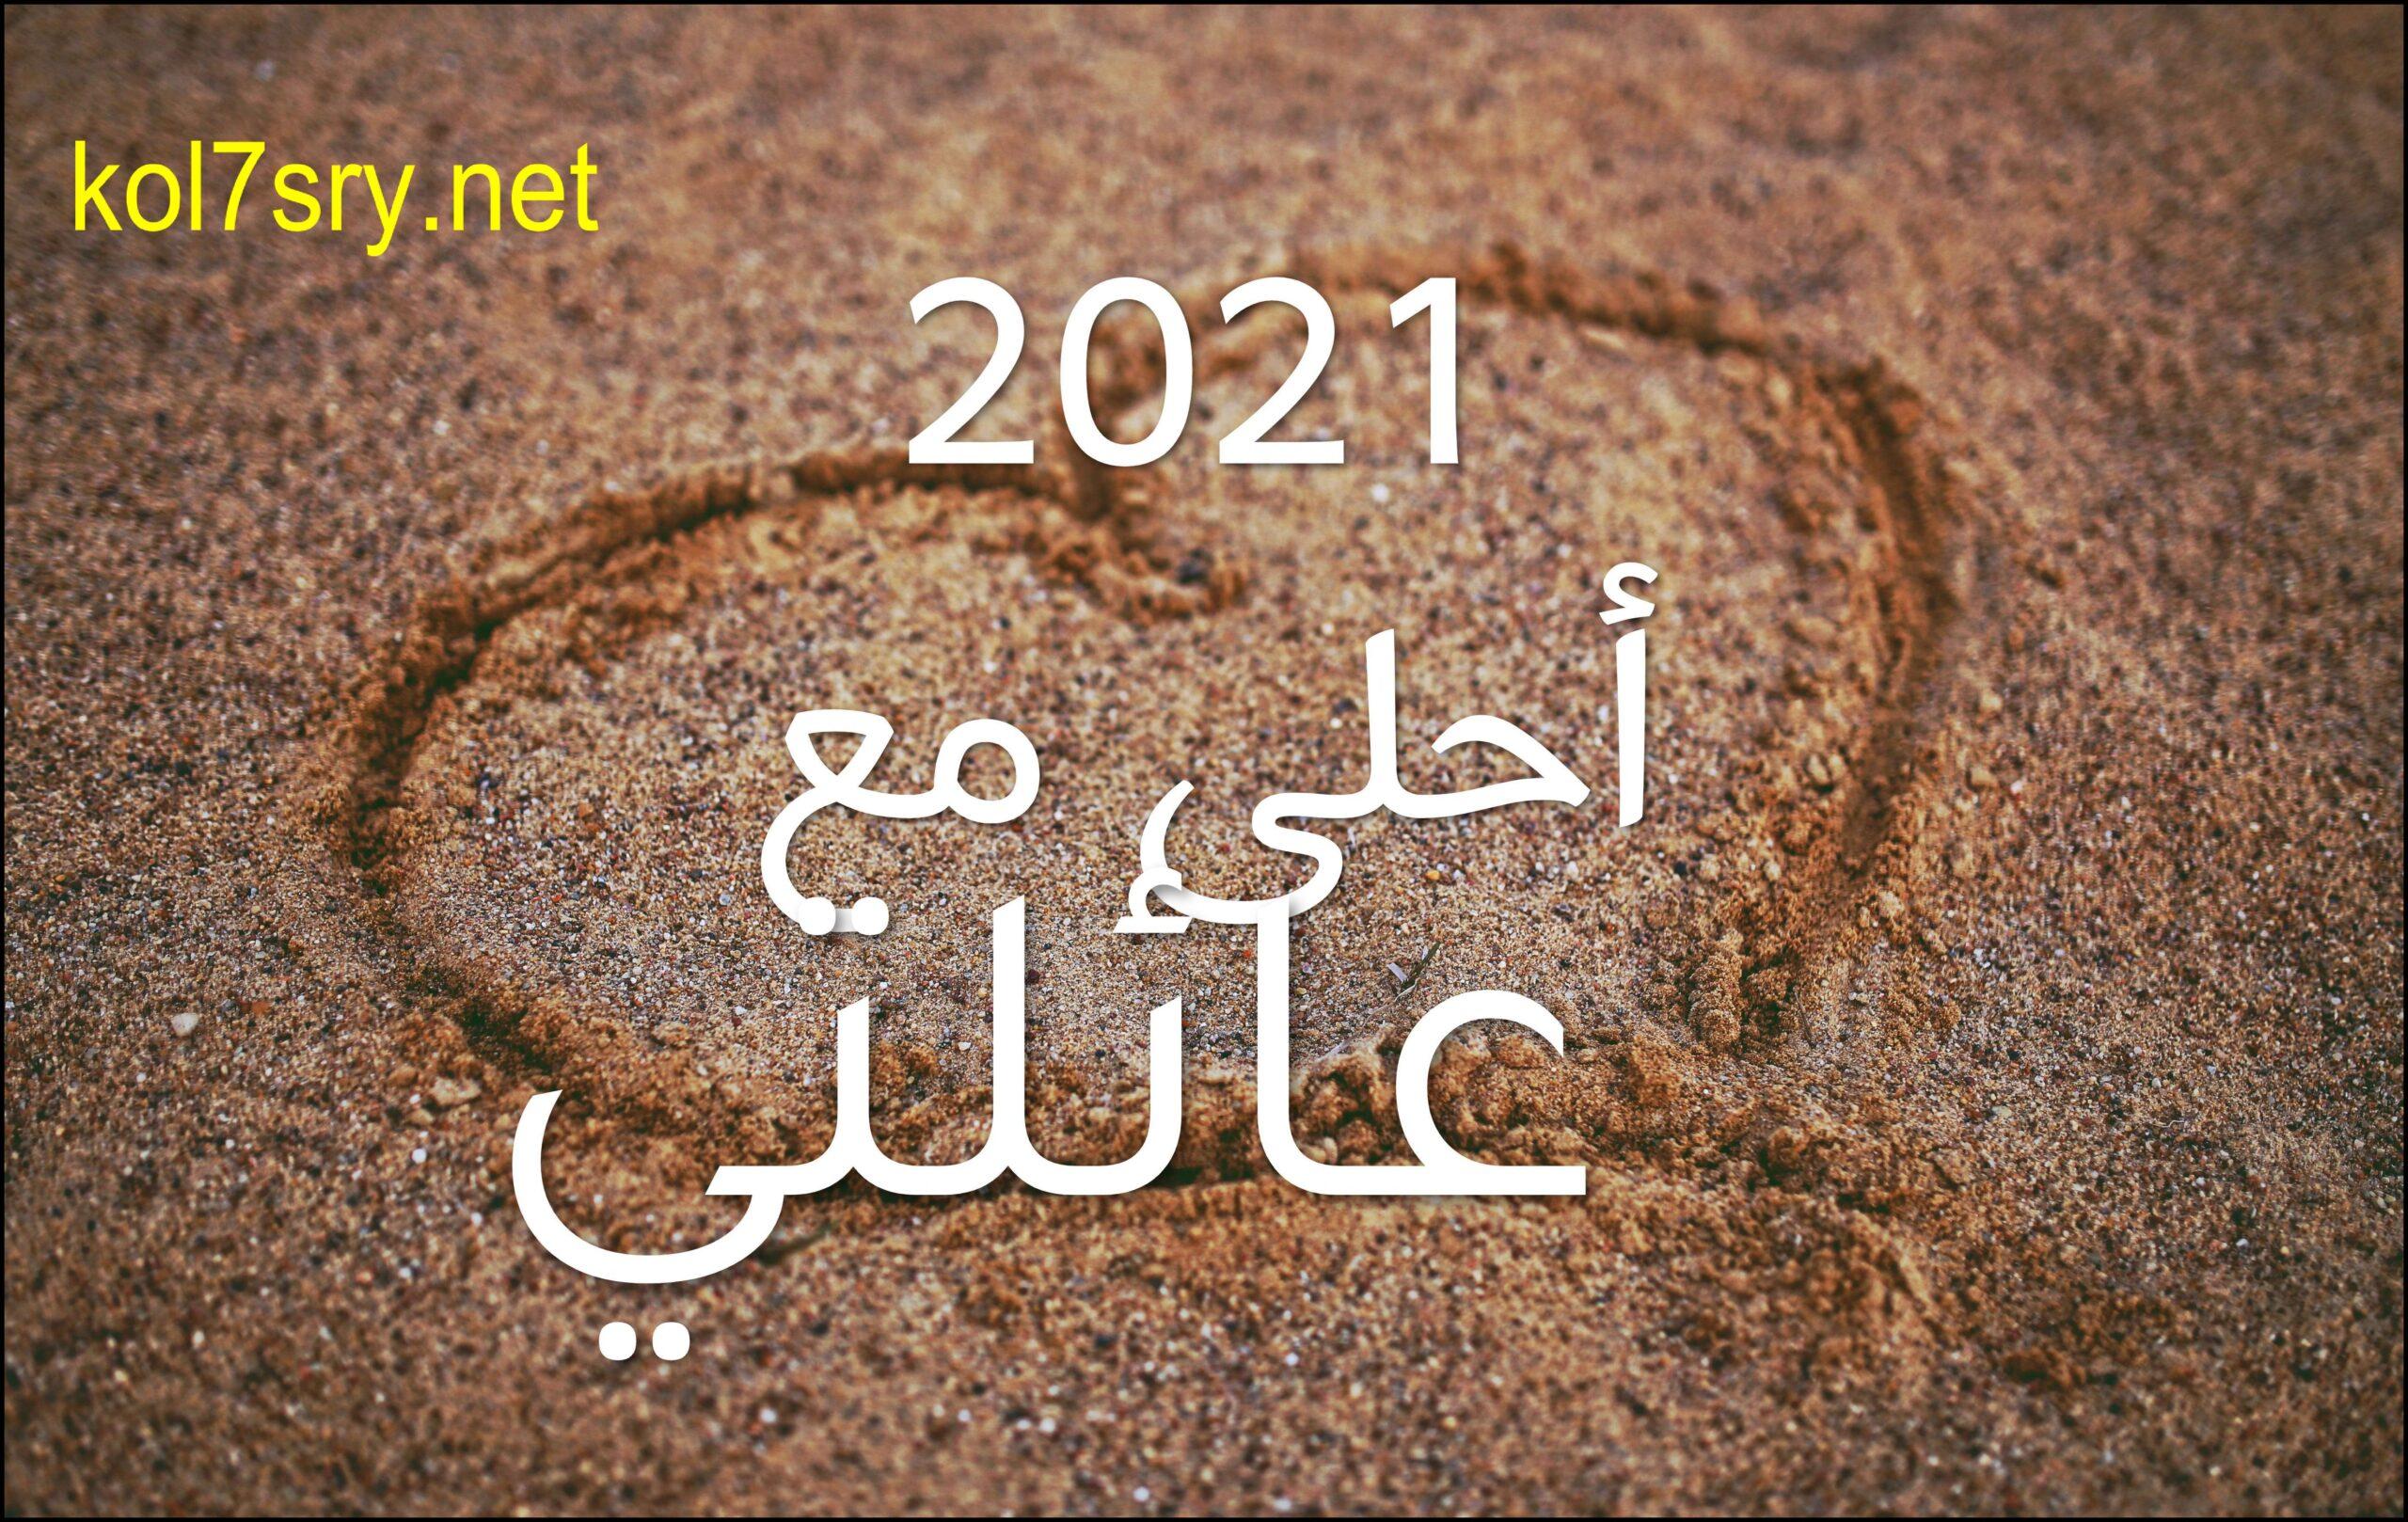 2021 أحلى مع اسمك أجمل 40 صورة HD لعام 2021 احلى مع مجانا اطلب التصميم بالتعليقات 3